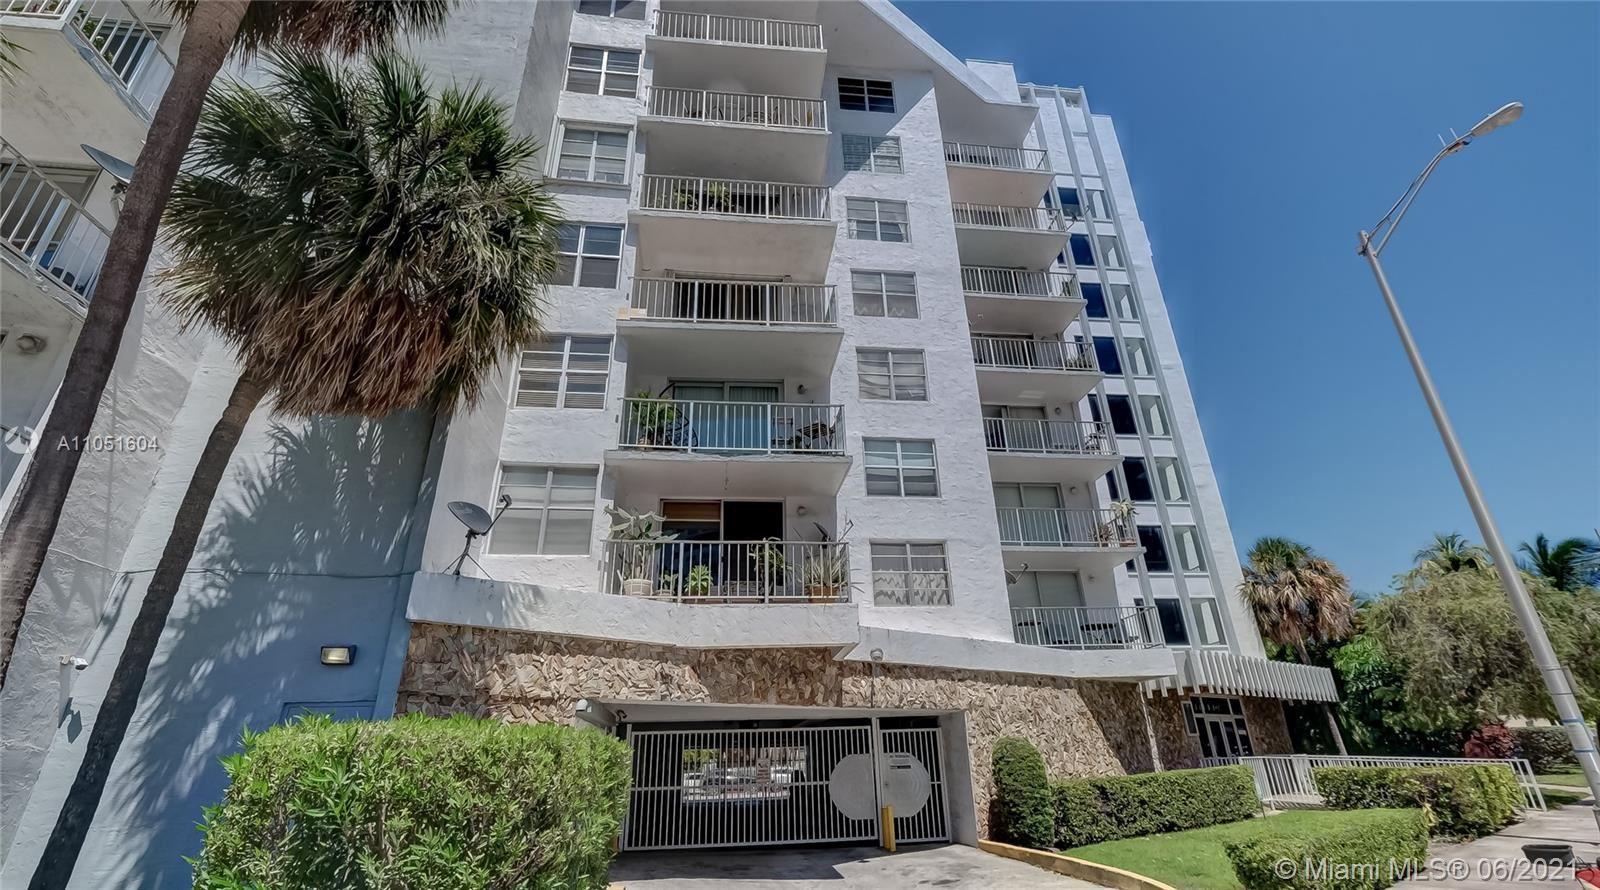 6801 Indian Creek Dr #609, Miami Beach, FL 33141 - #: A11051604